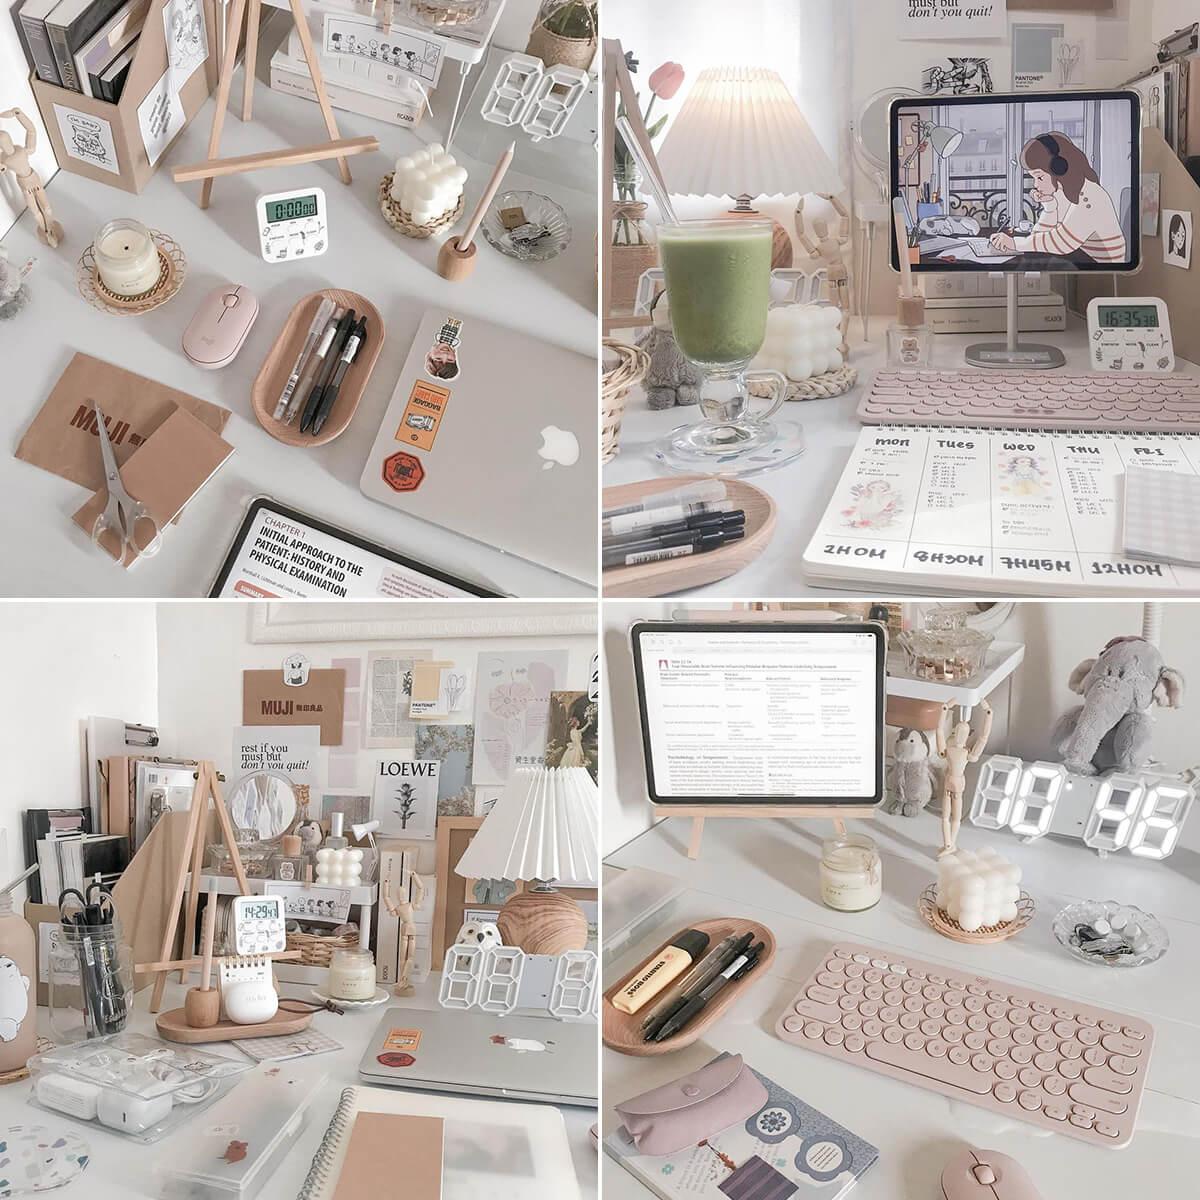 Instagram Study Aesthetic Photos